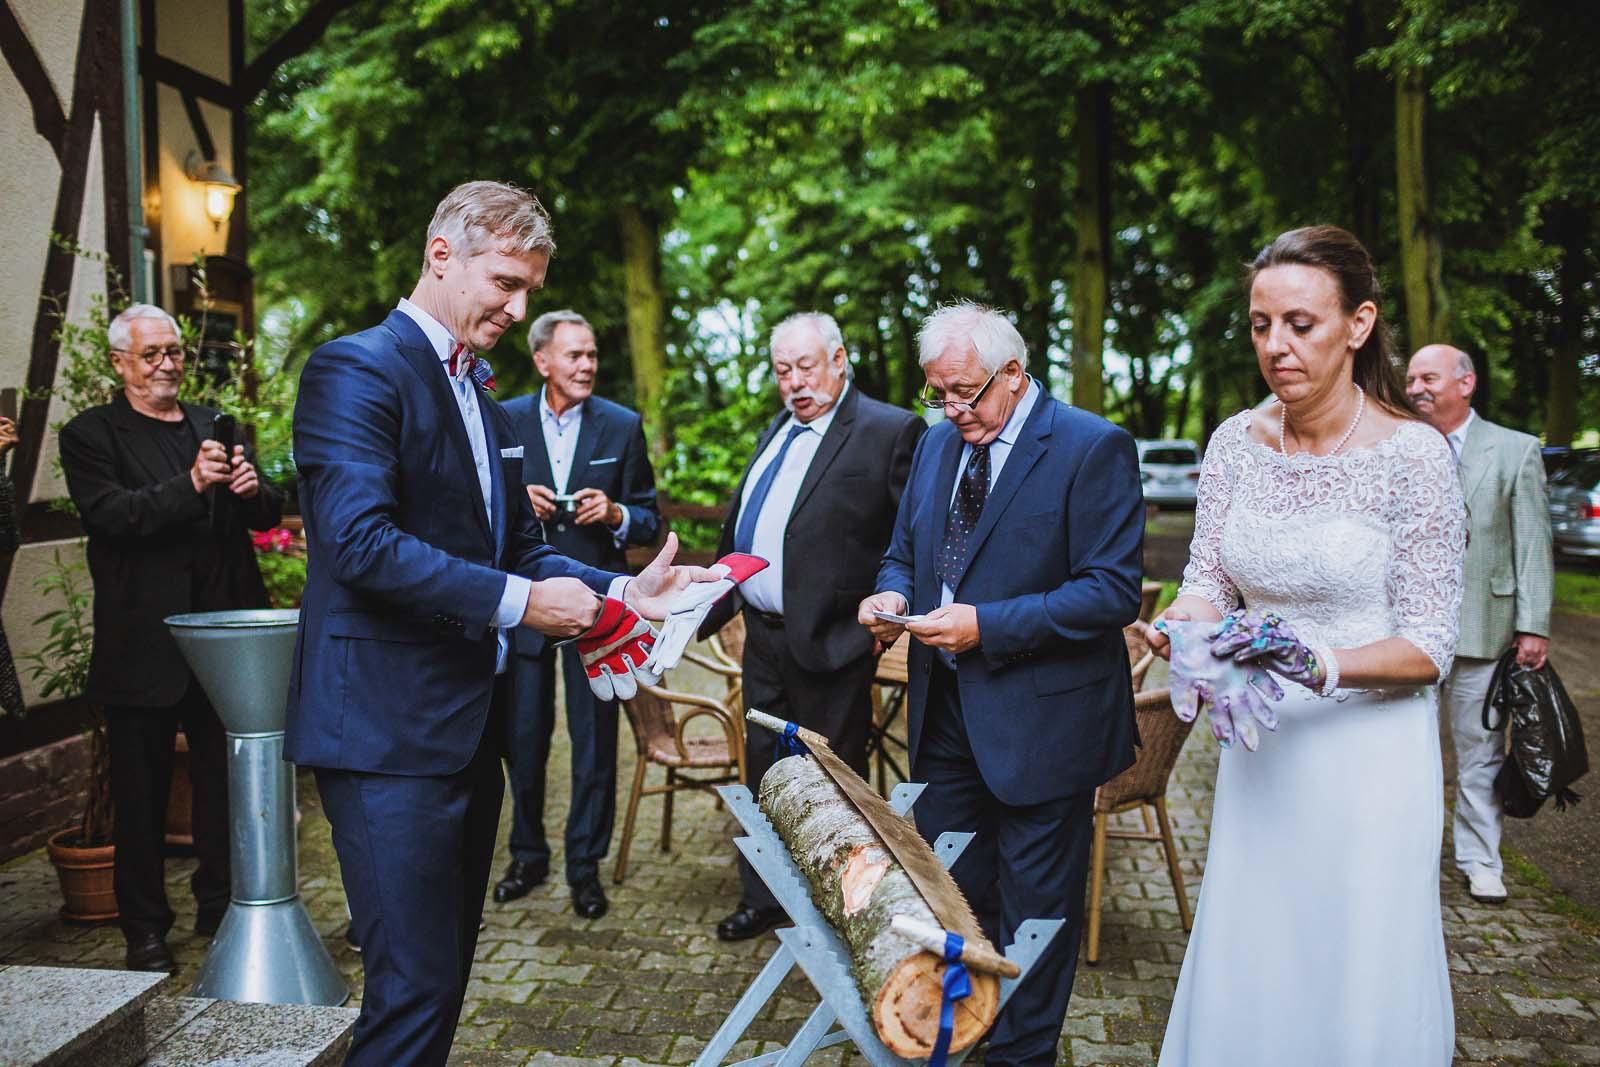 Brautpaar vor dem Baumstammsaegen Hochzeitsfotograf Luebben im Spreewald Copyright by Hochzeitsfotograf www.berliner-hochzeitsfotografie.de